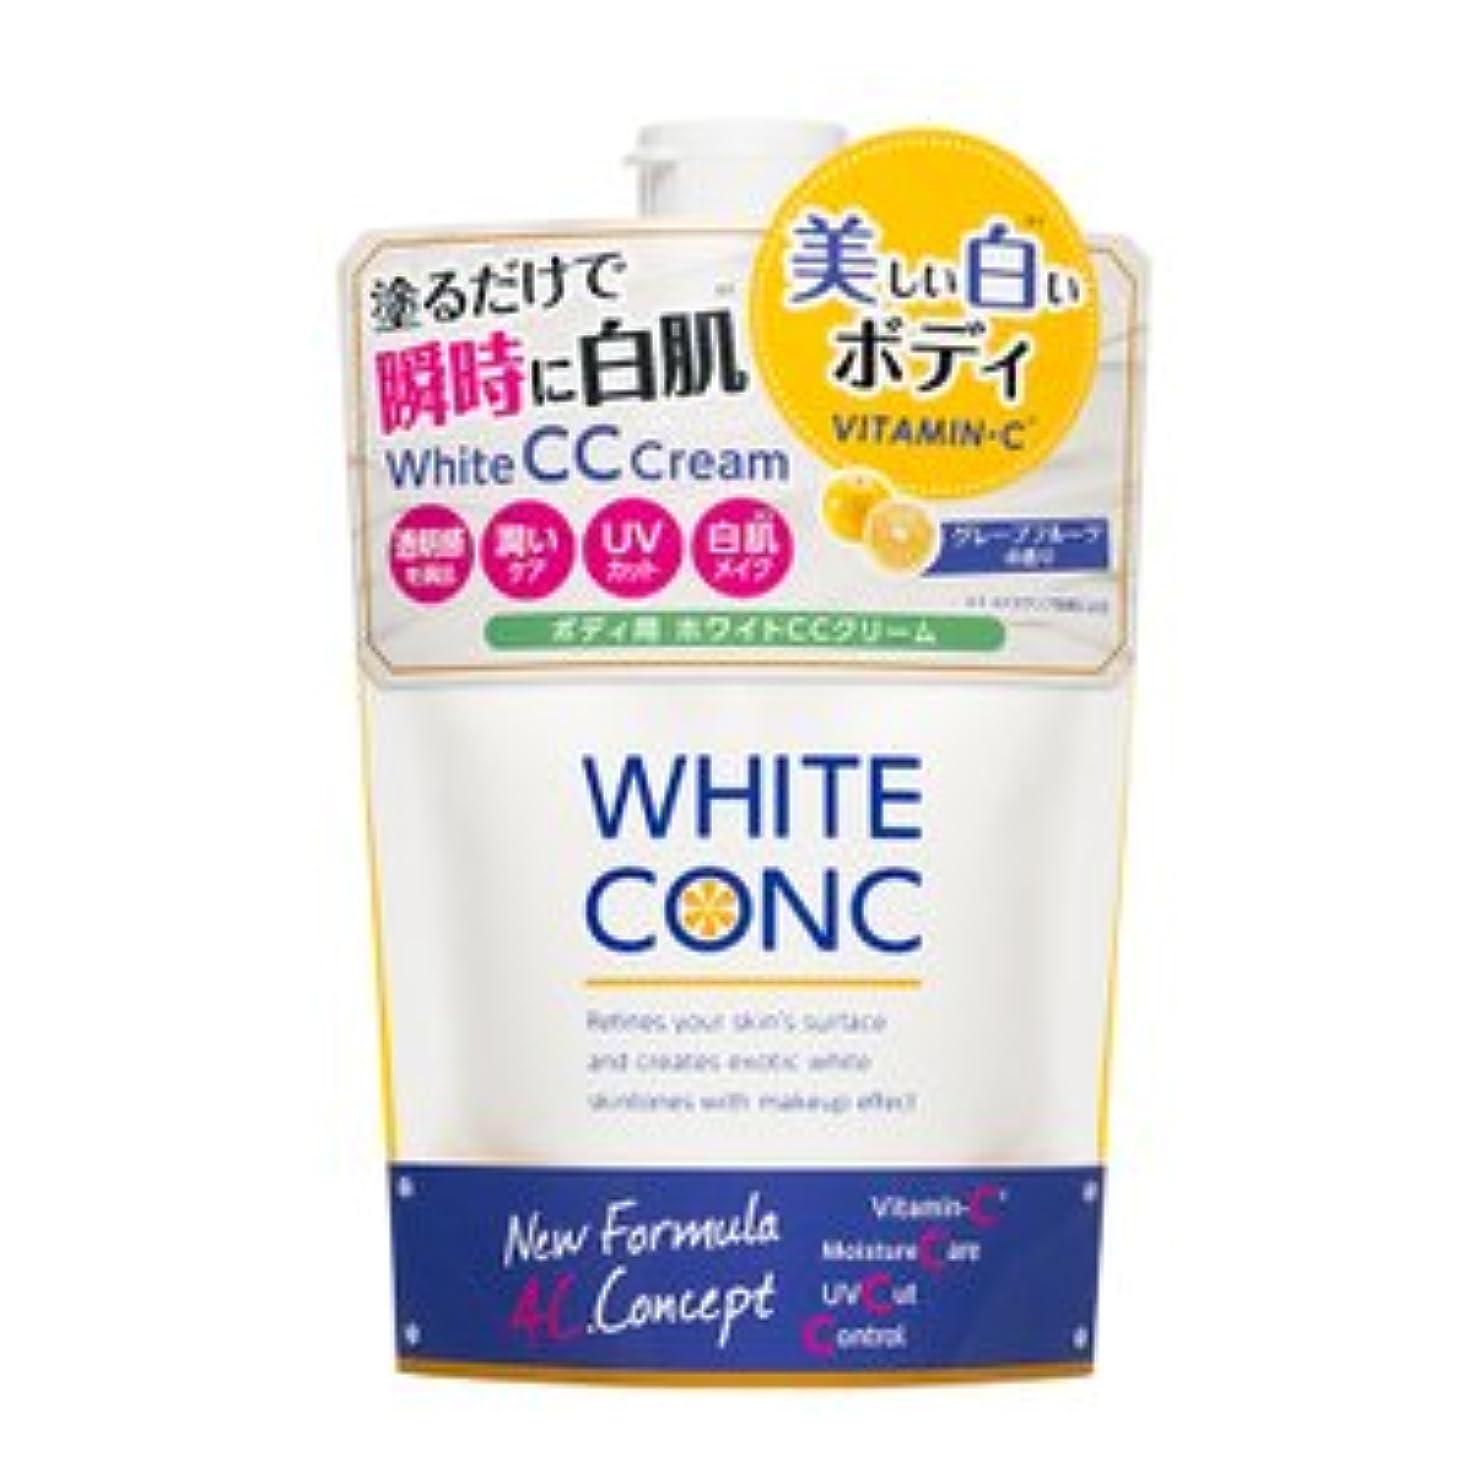 薬用ホワイトコンクホワイトCCクリーム 200g